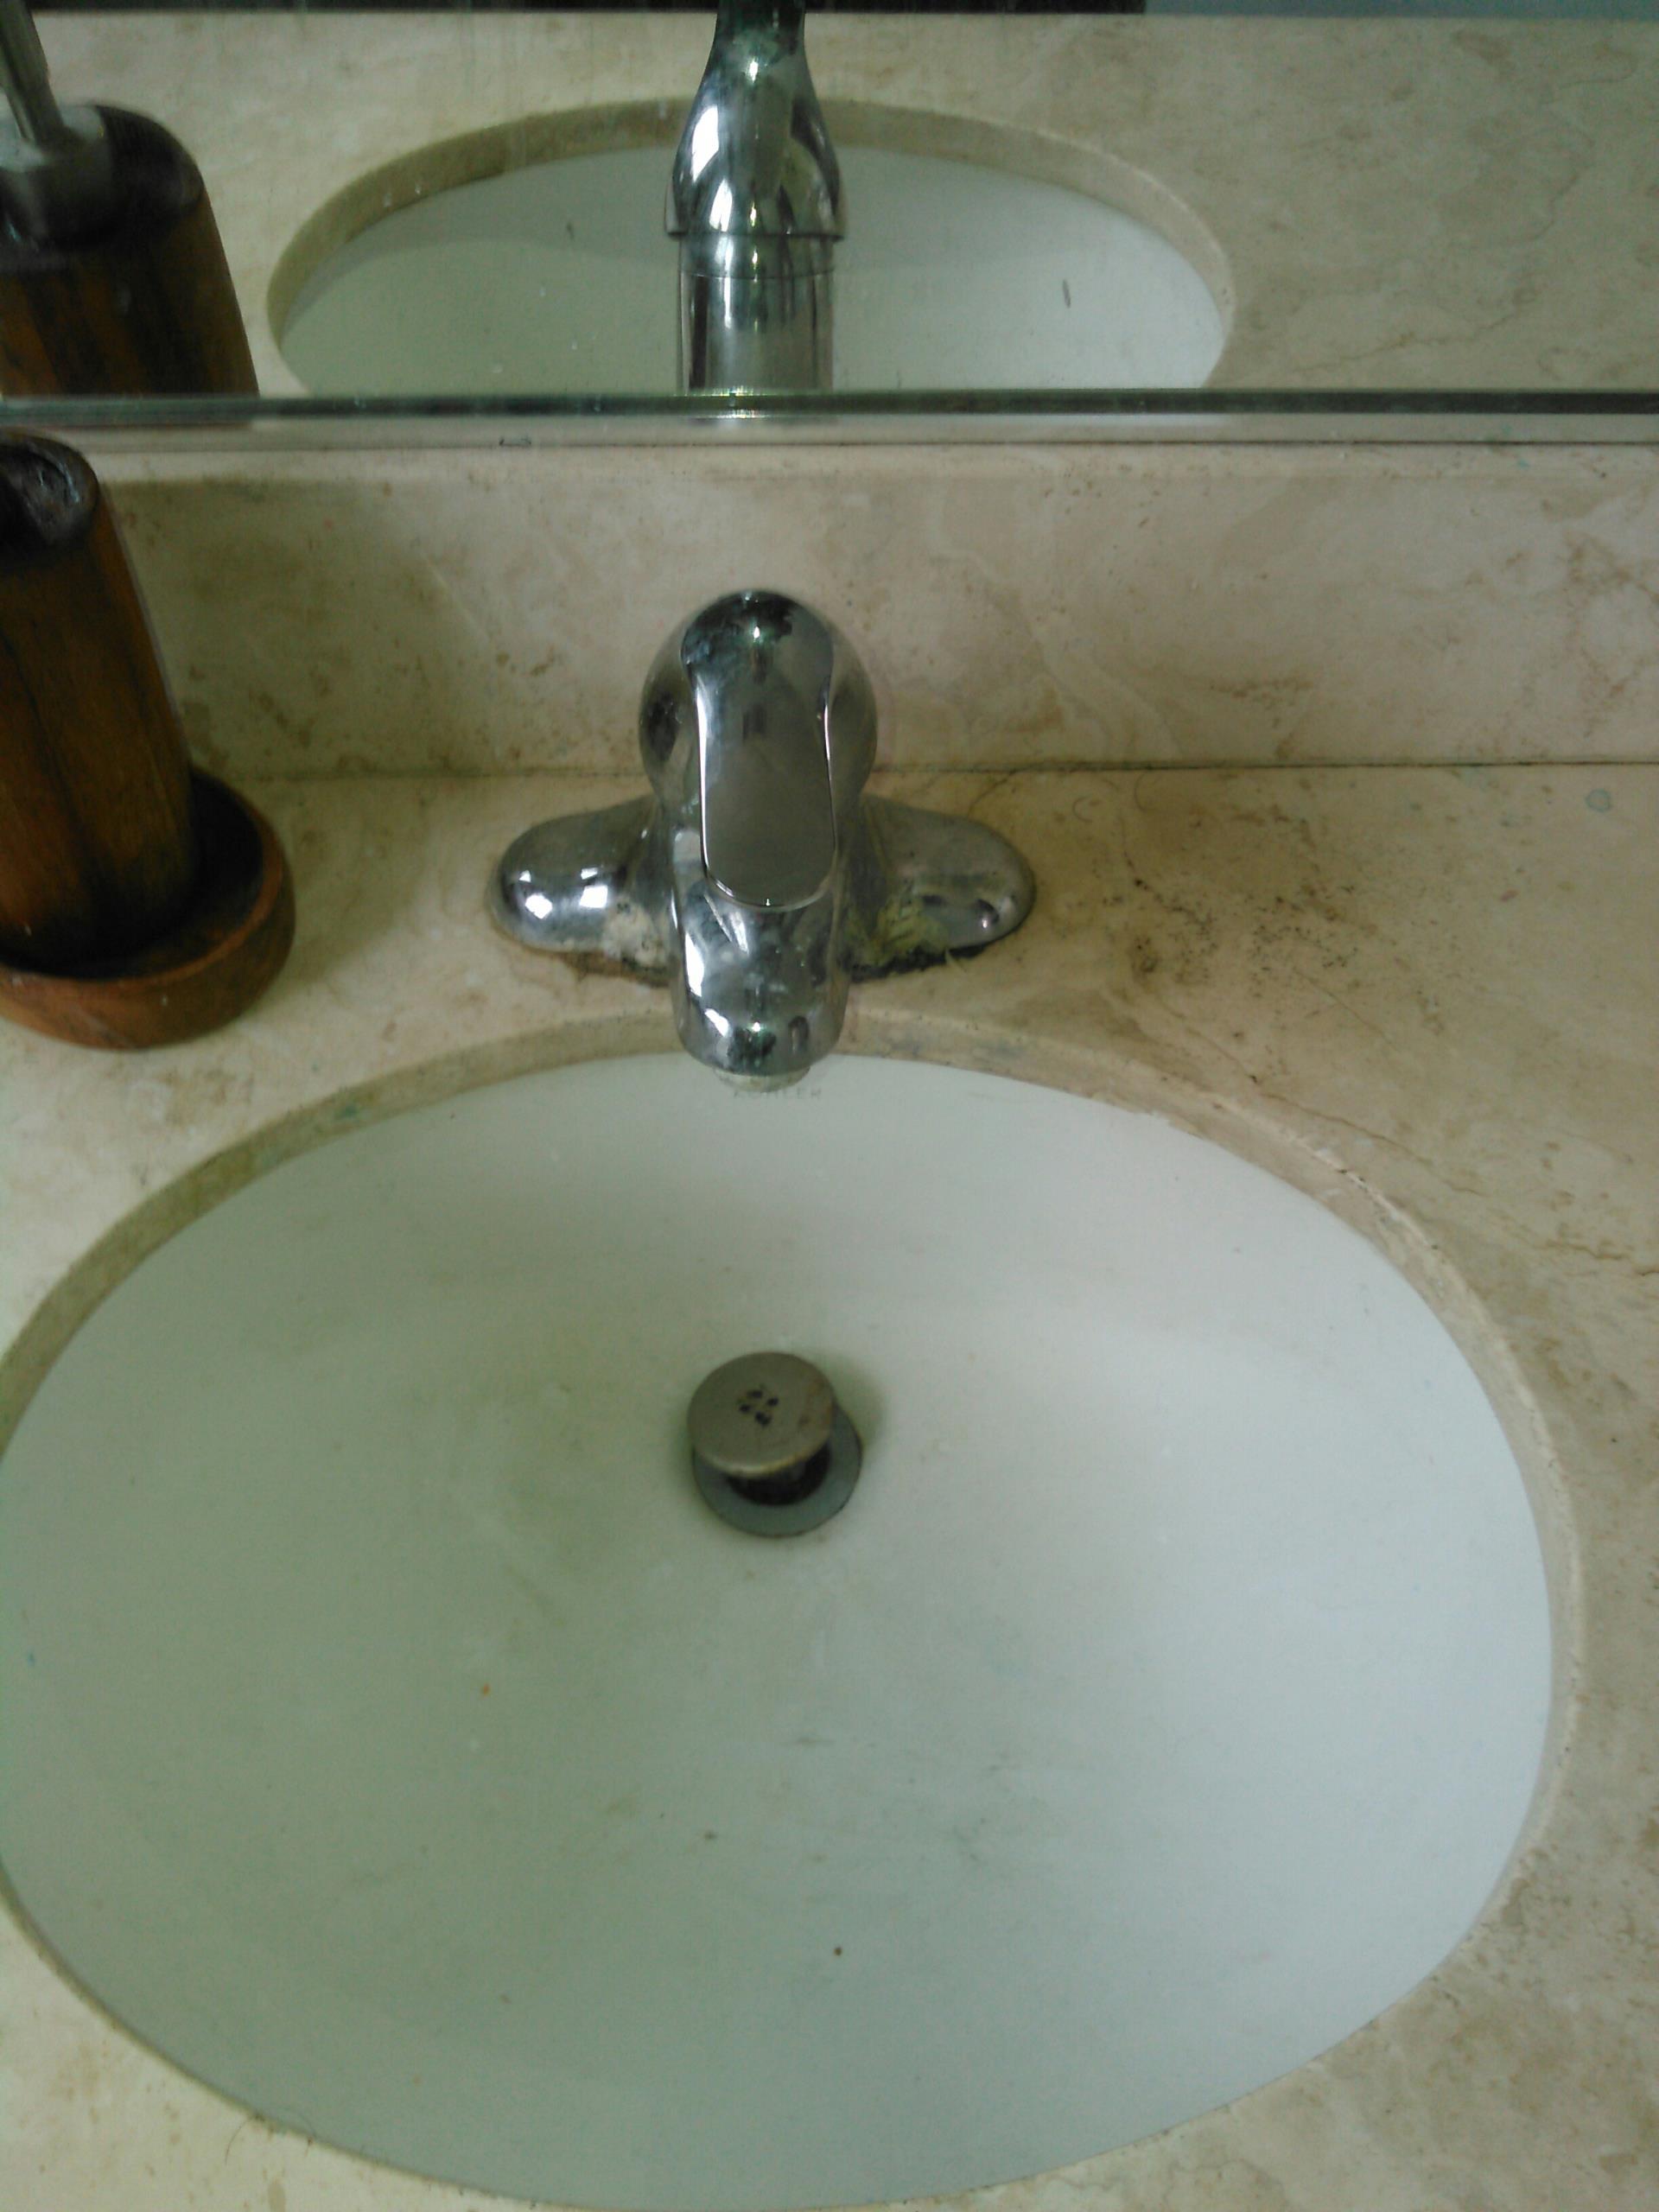 Palos Verdes Estates, CA - Bathroom sink clog